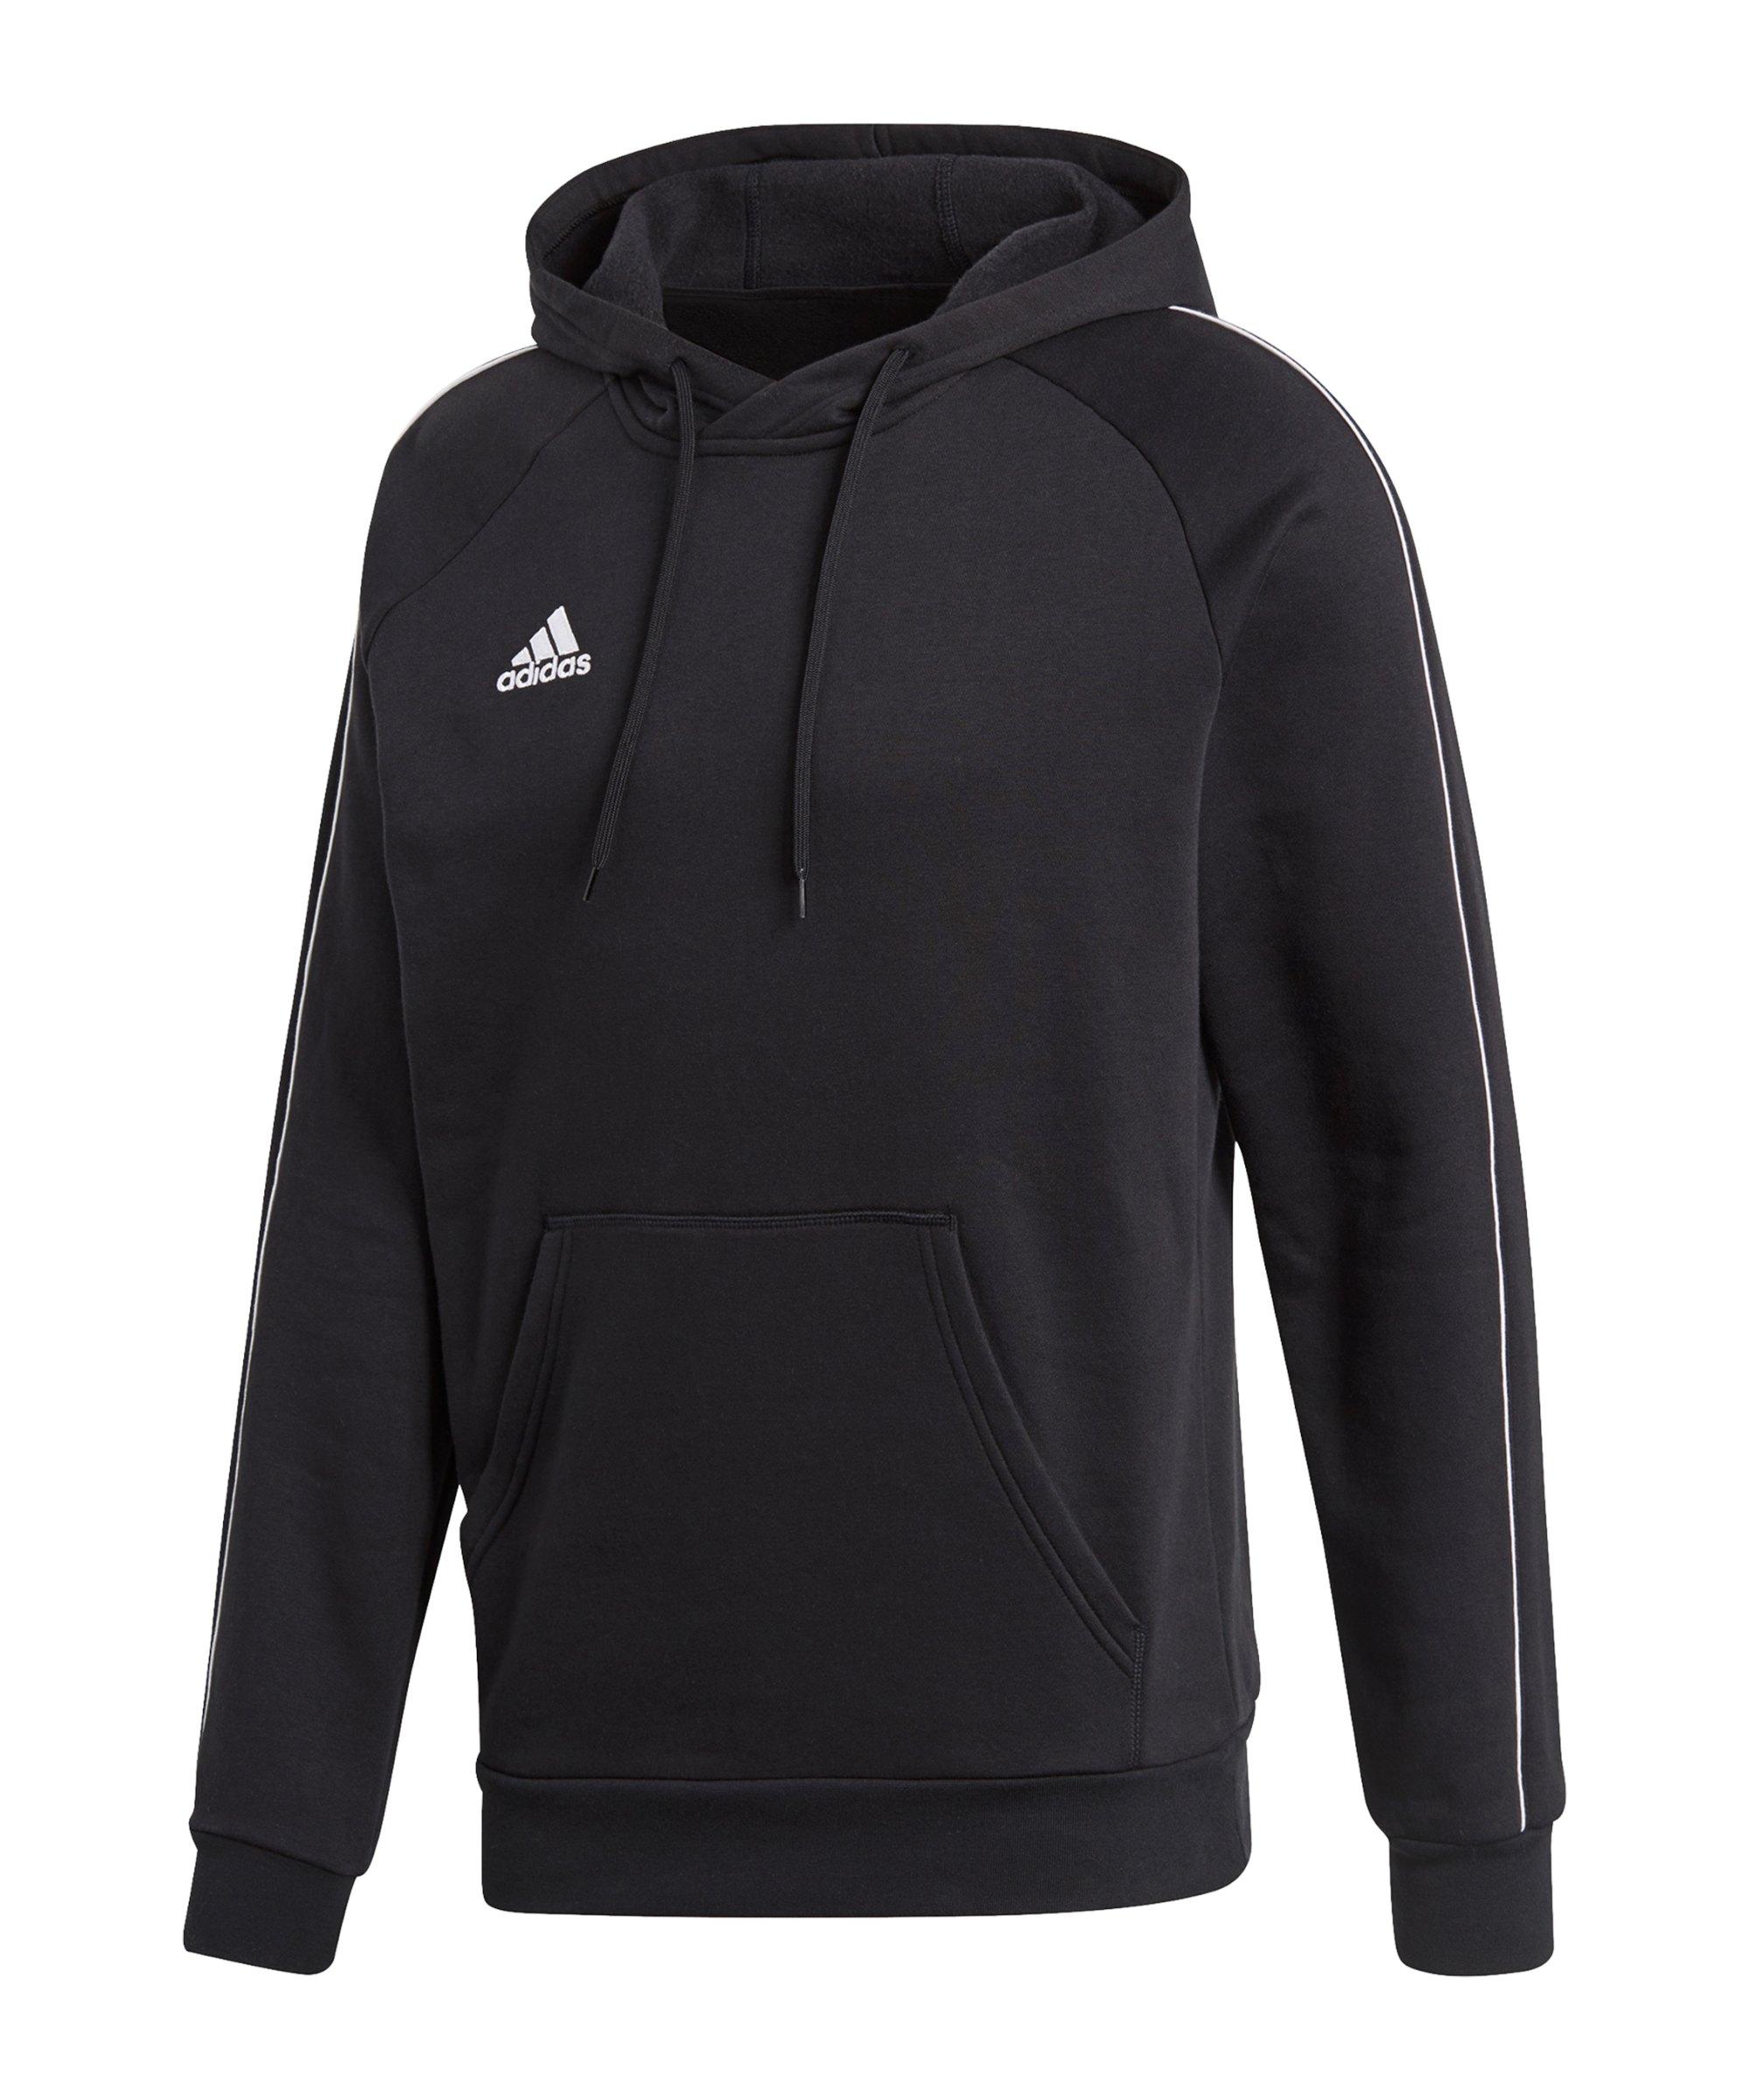 adidas core 18 hoodie grau